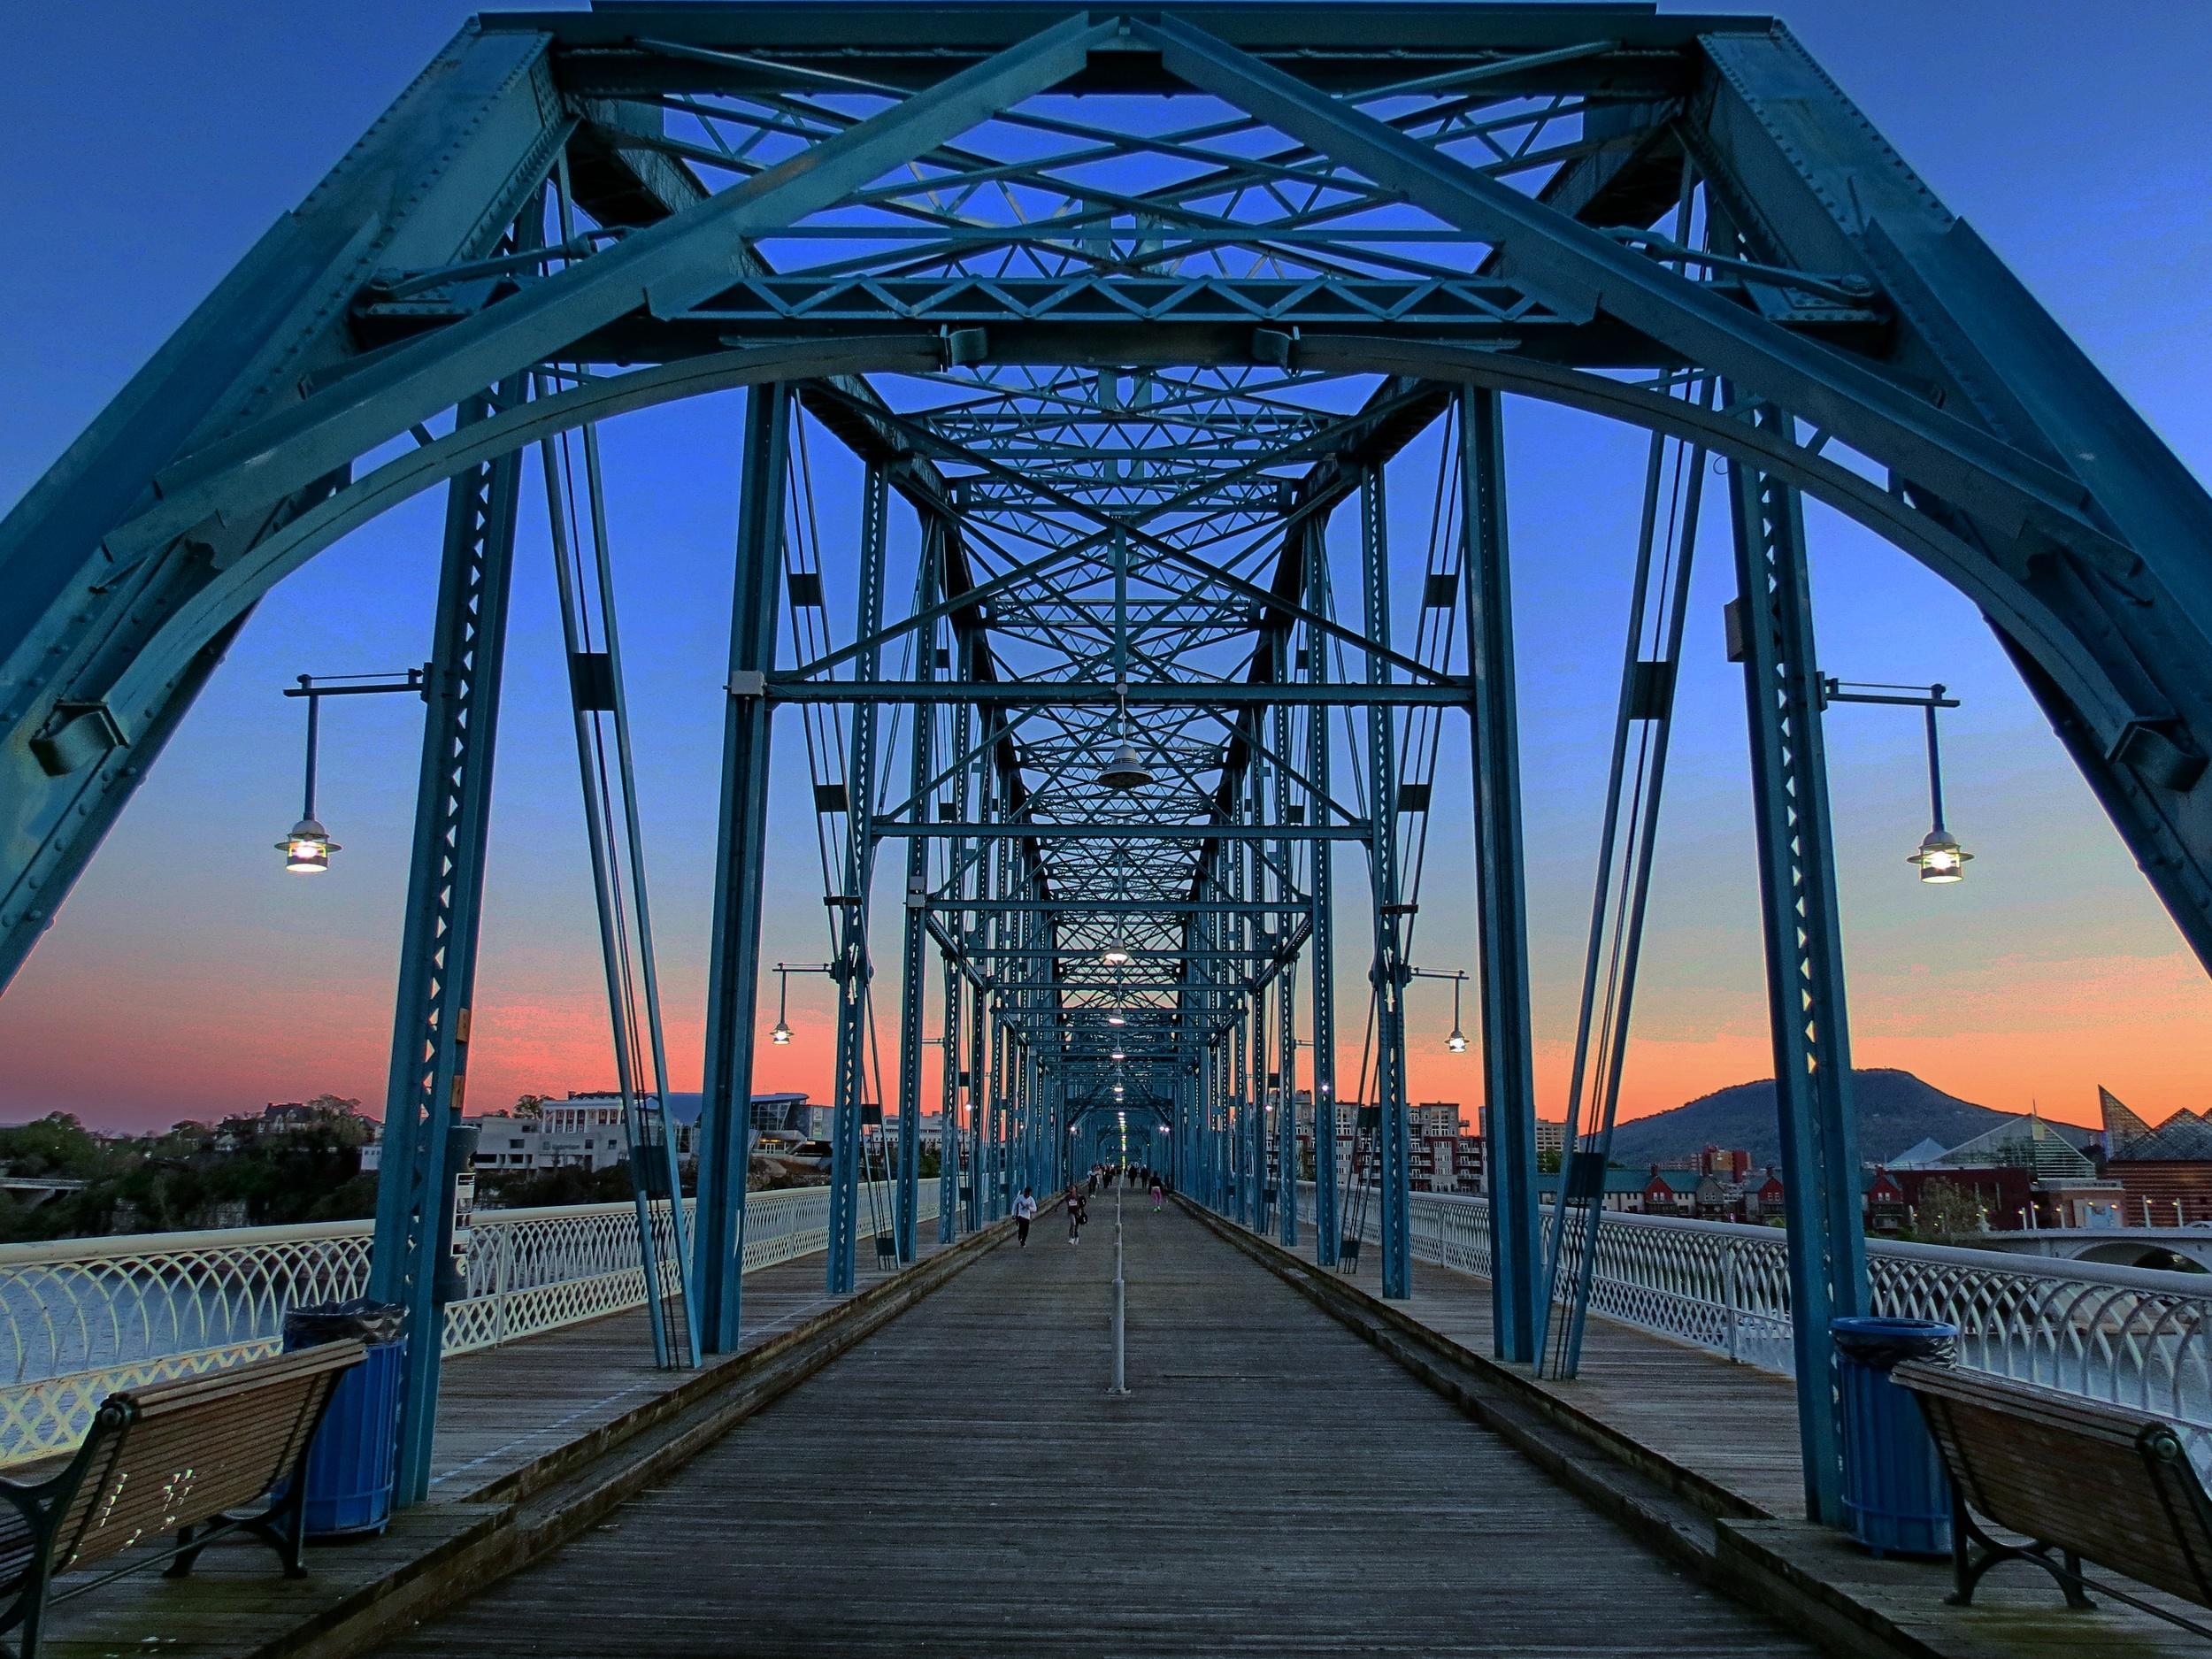 The Walnut Street Bridge courtesy of  Tony Fox